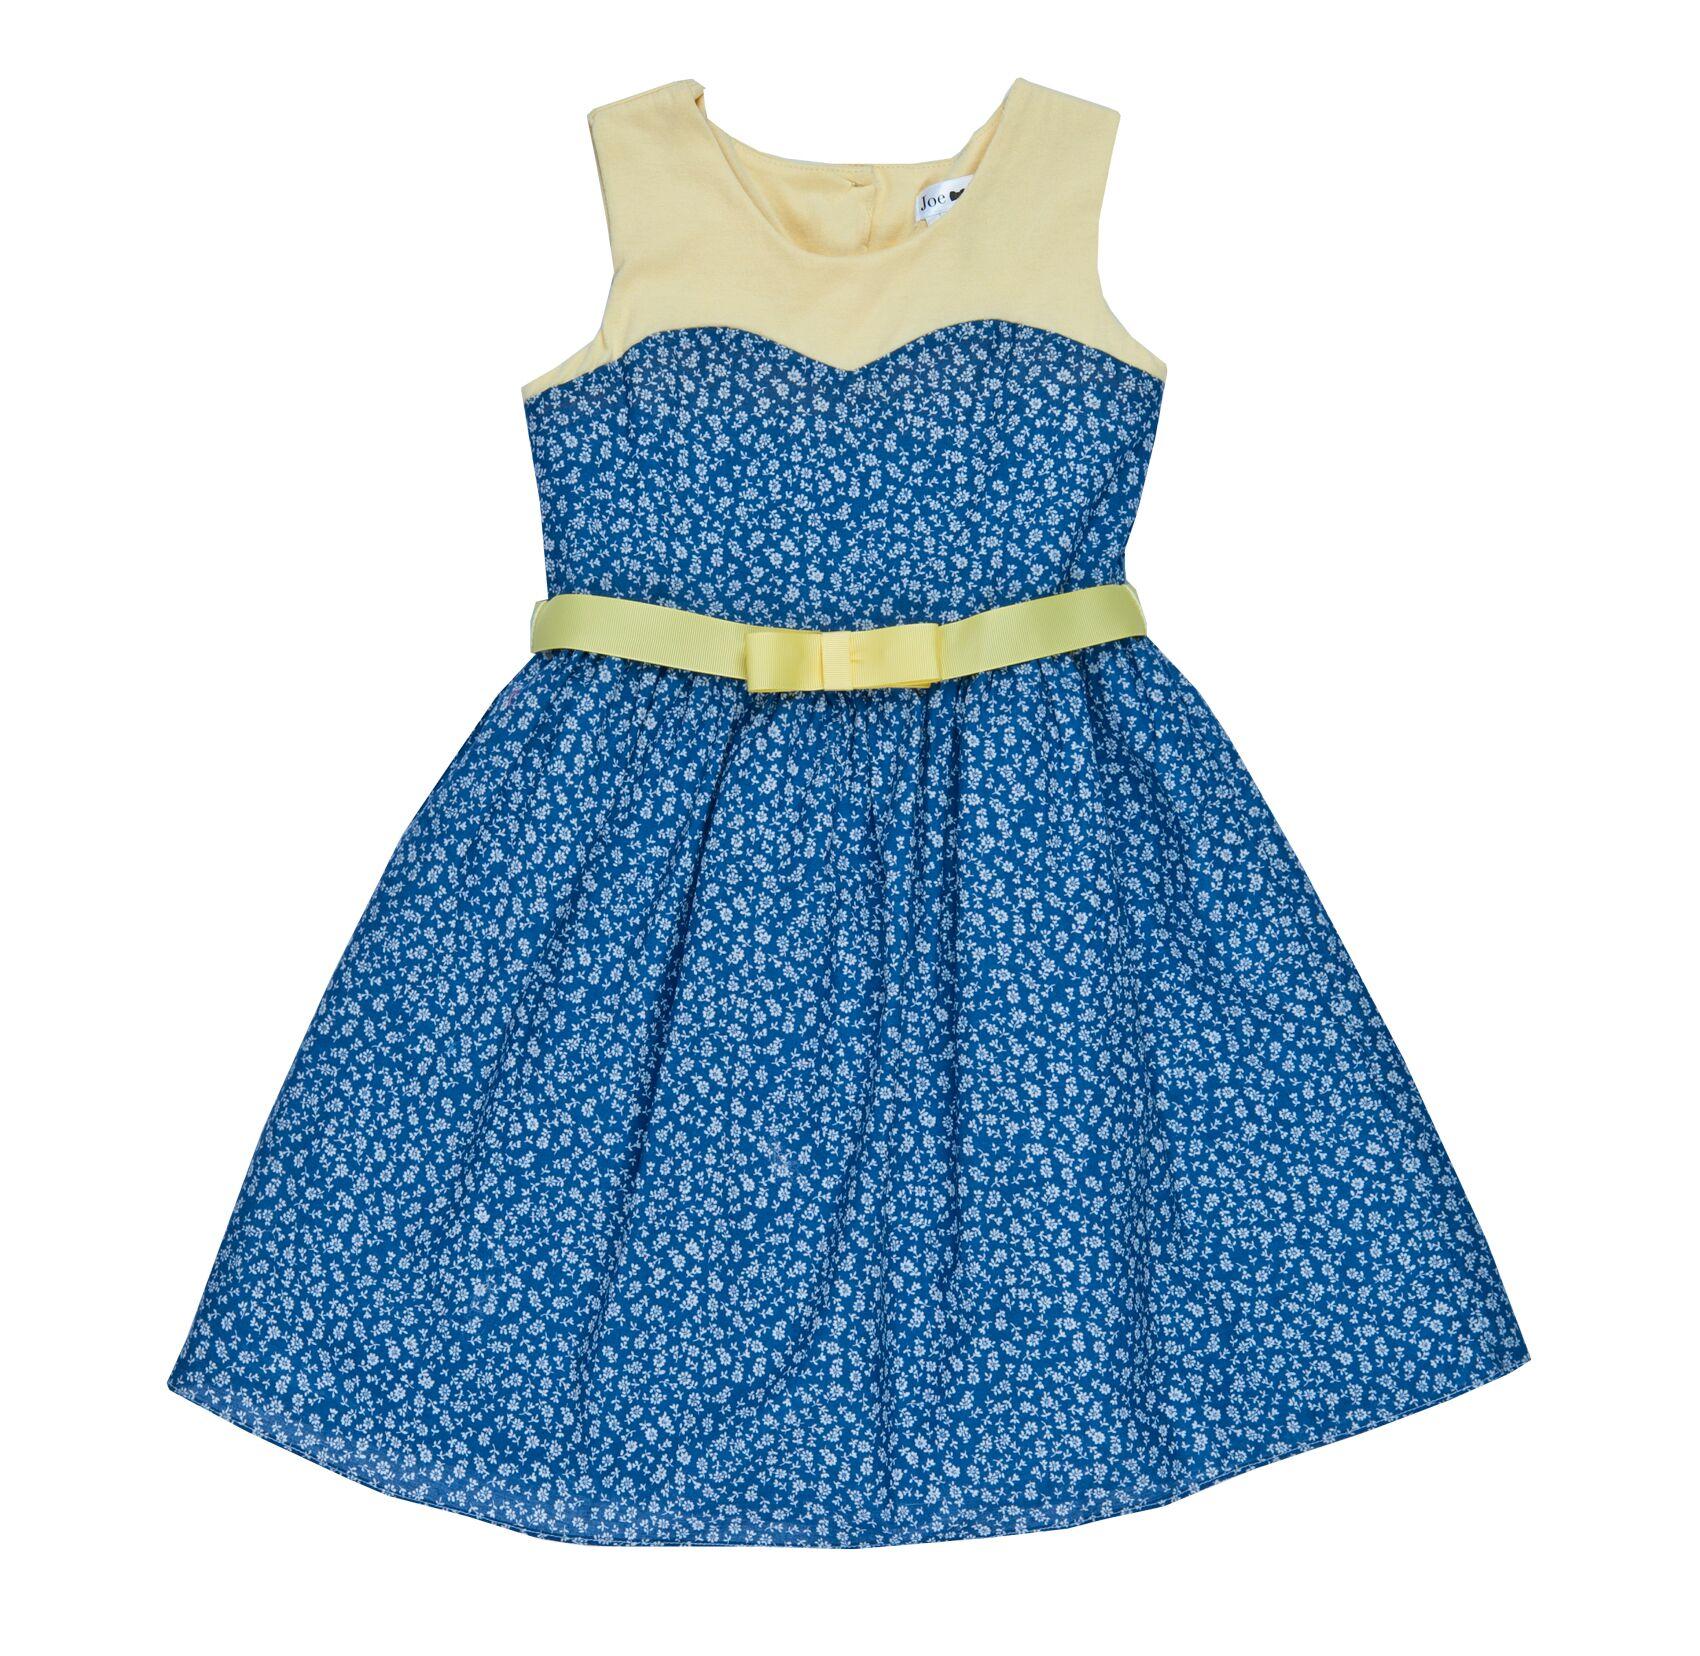 d5c6316ca7e5 Joe and Ella Fashion Dievčenské šaty Lena kvetinové - modro-žlté ...